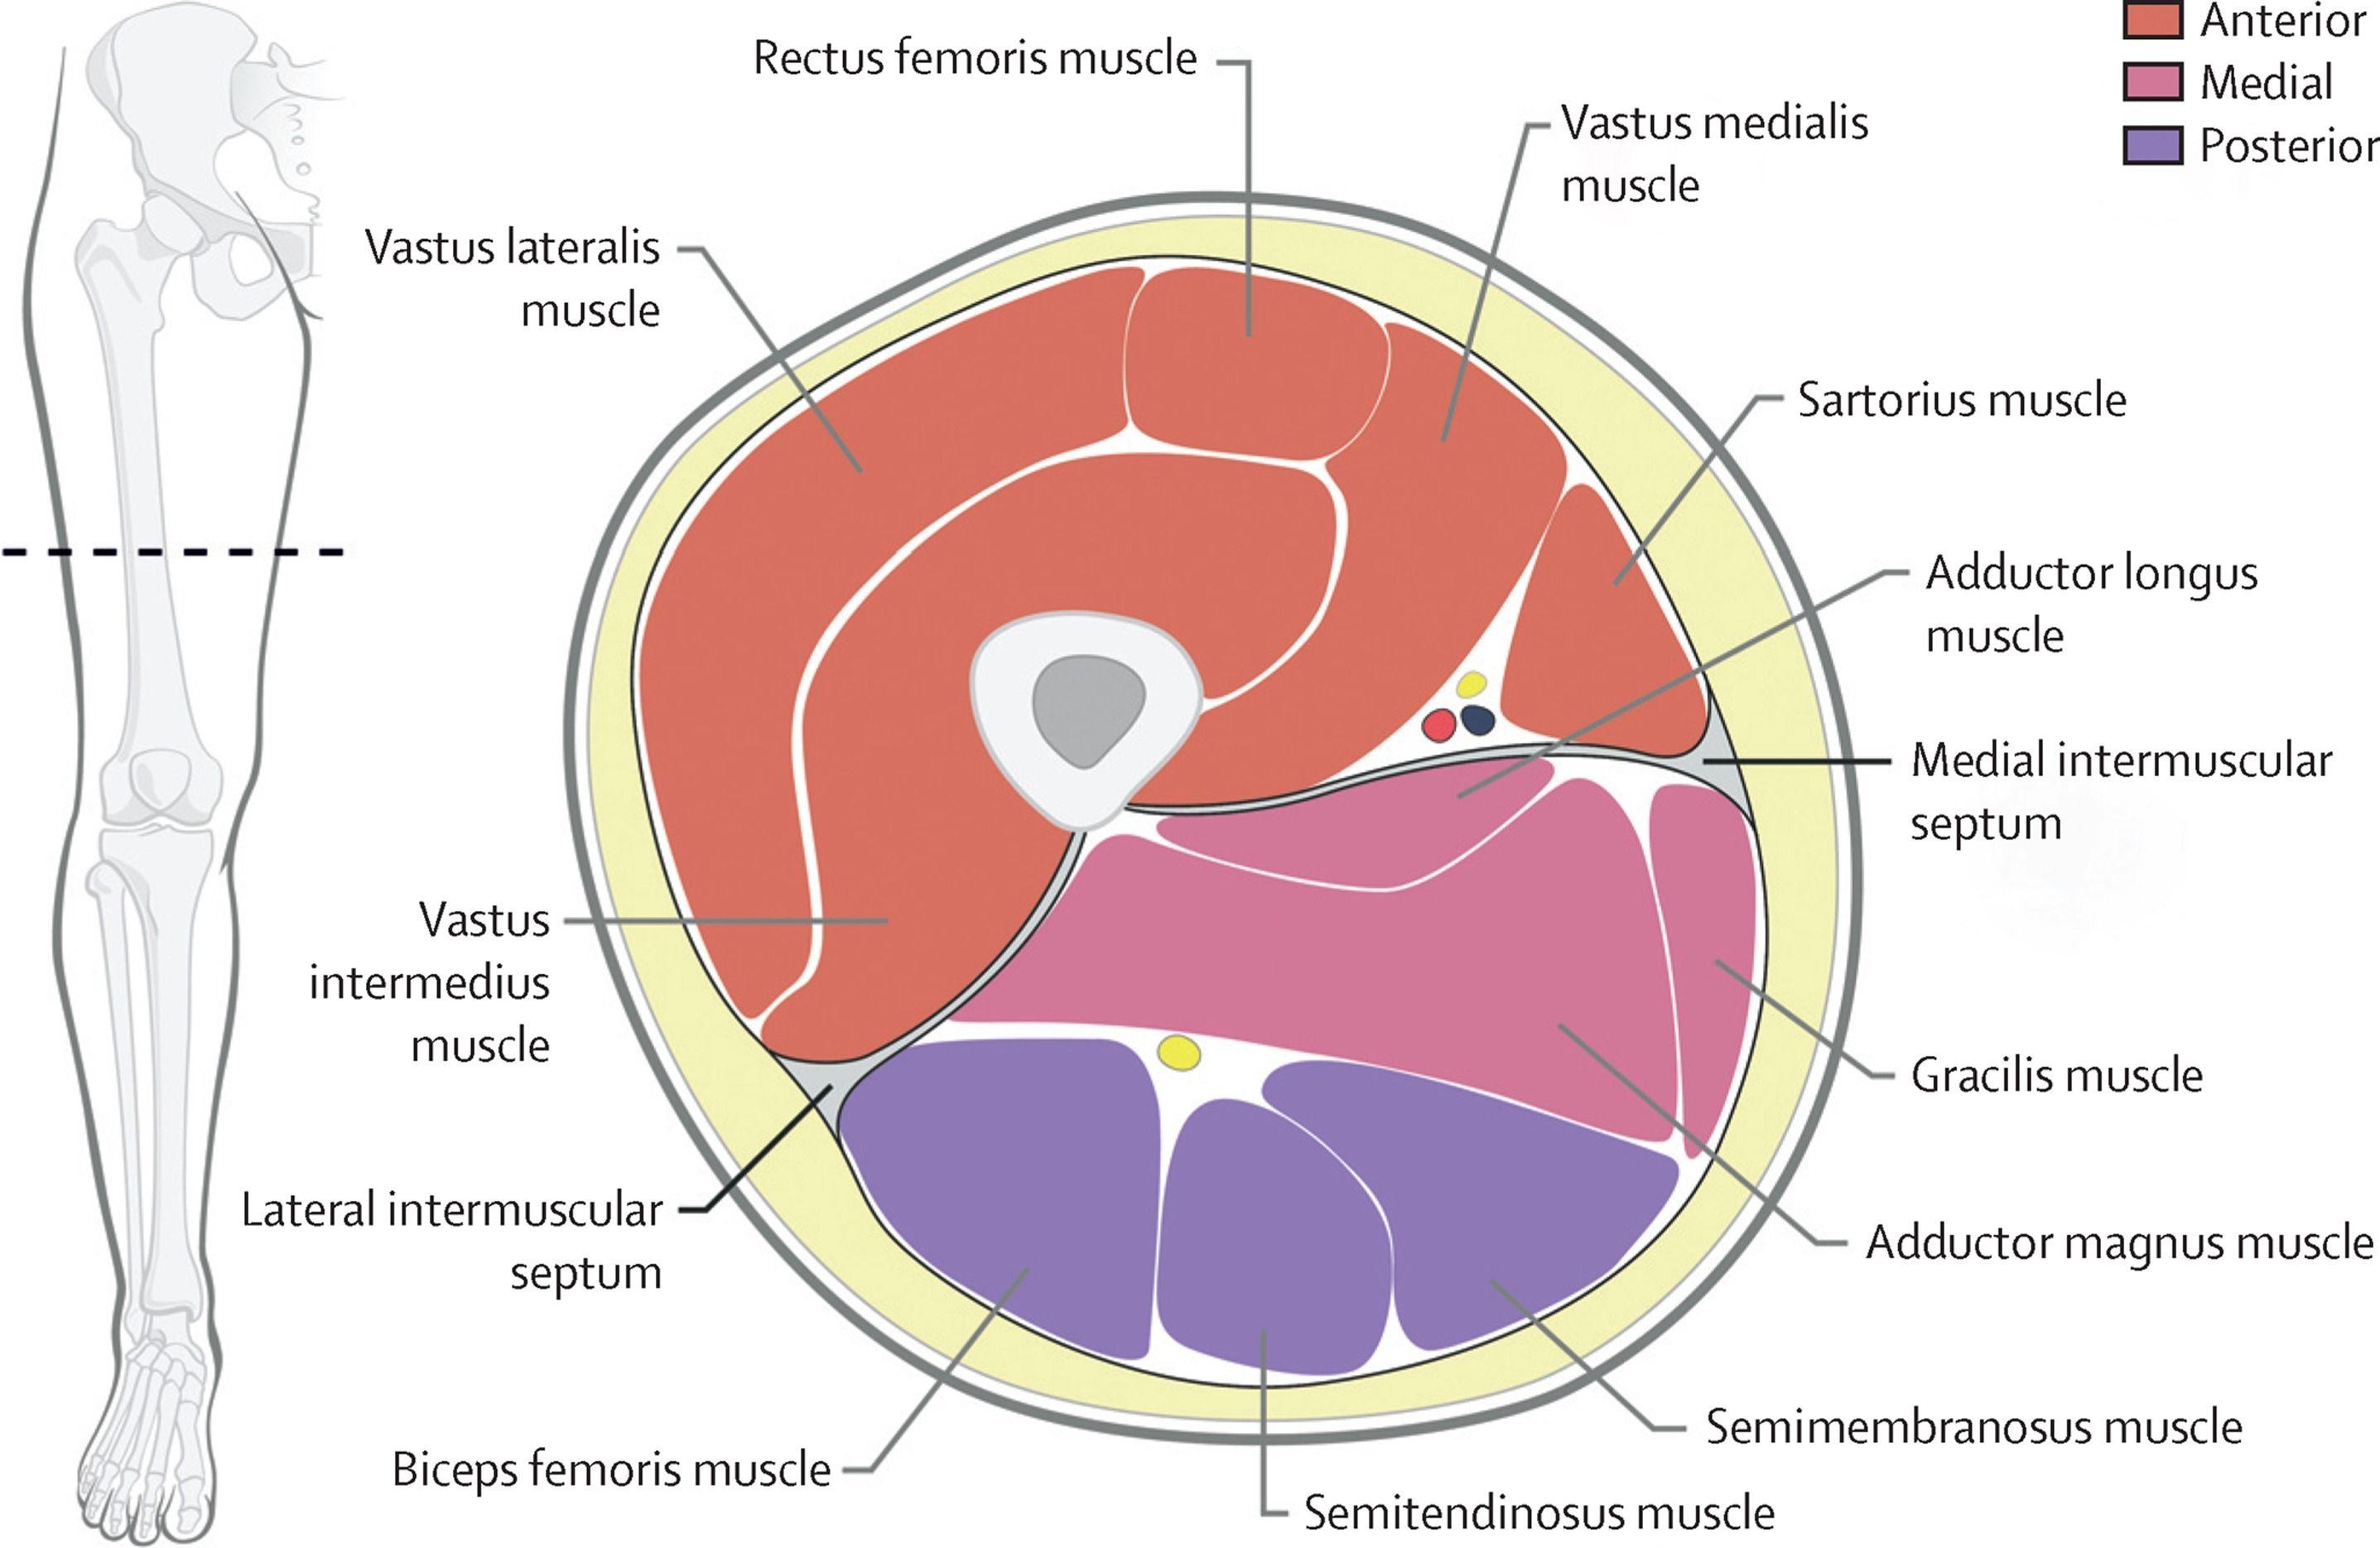 musculos compartimiento posterior de la pierna